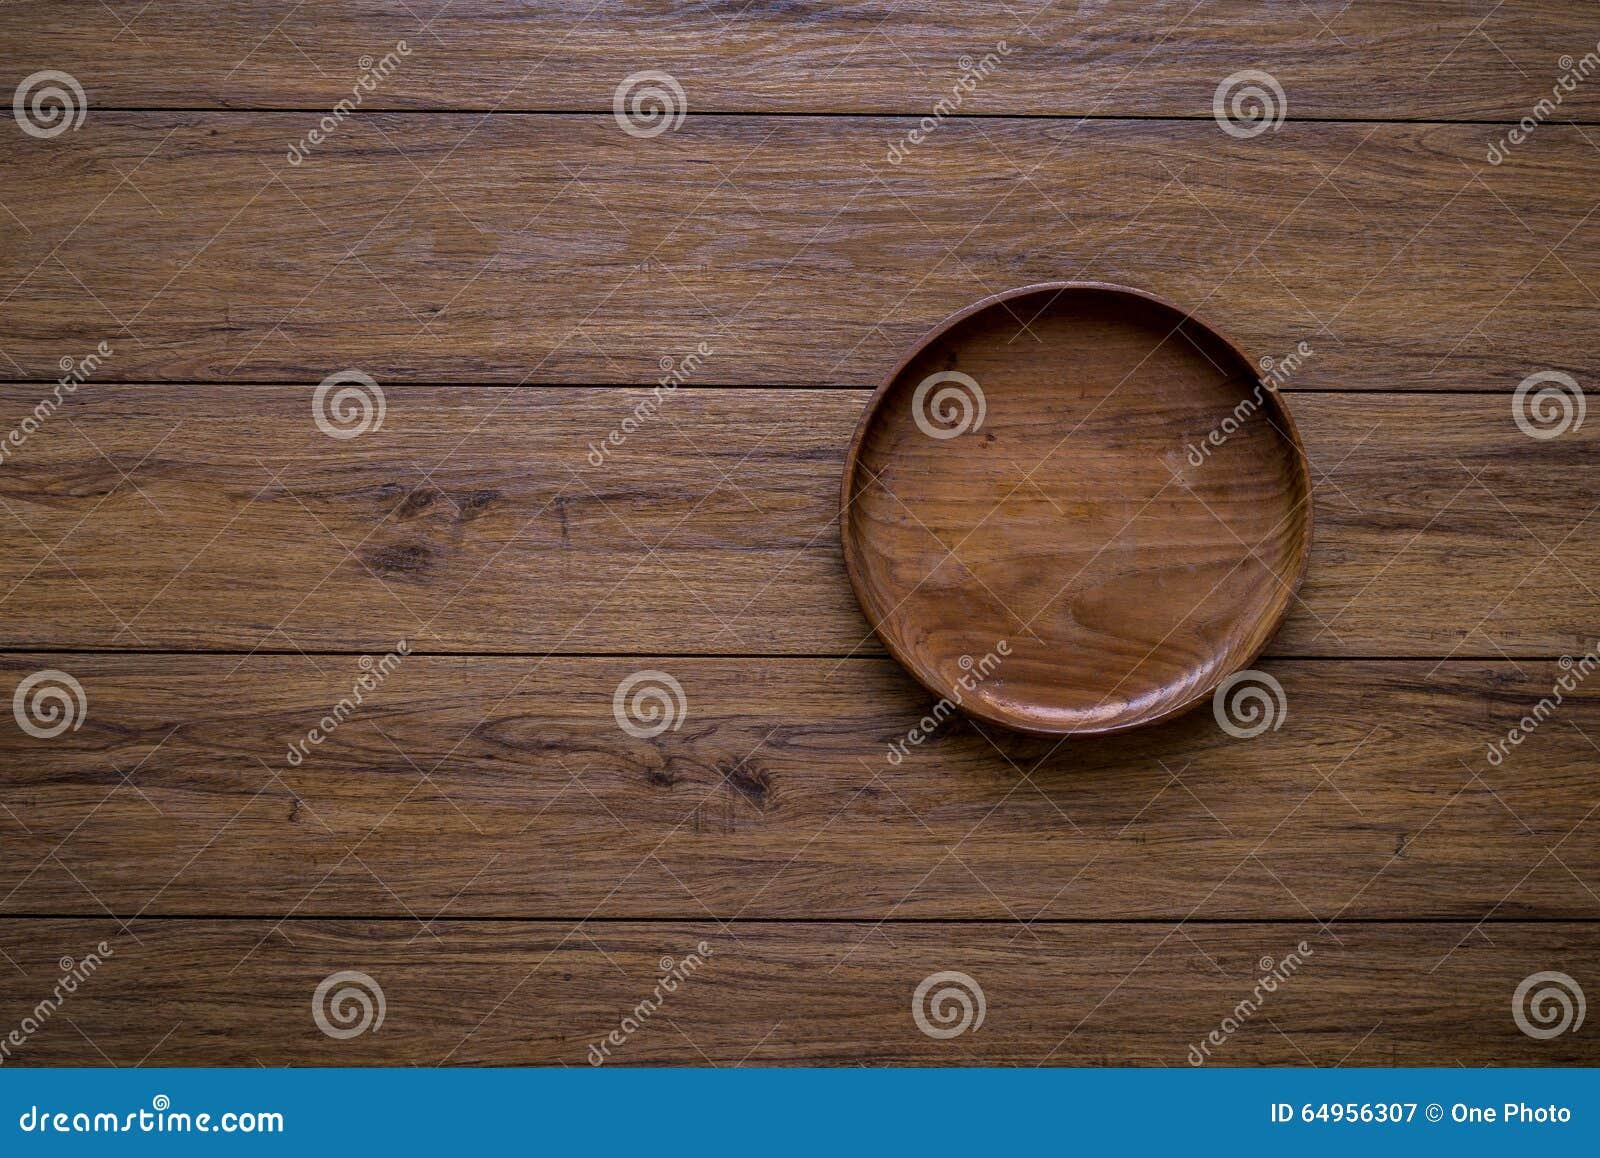 Brown drewniany talerz na nieociosanym stołowym zbliżeniu horyzontalny wierzchołek